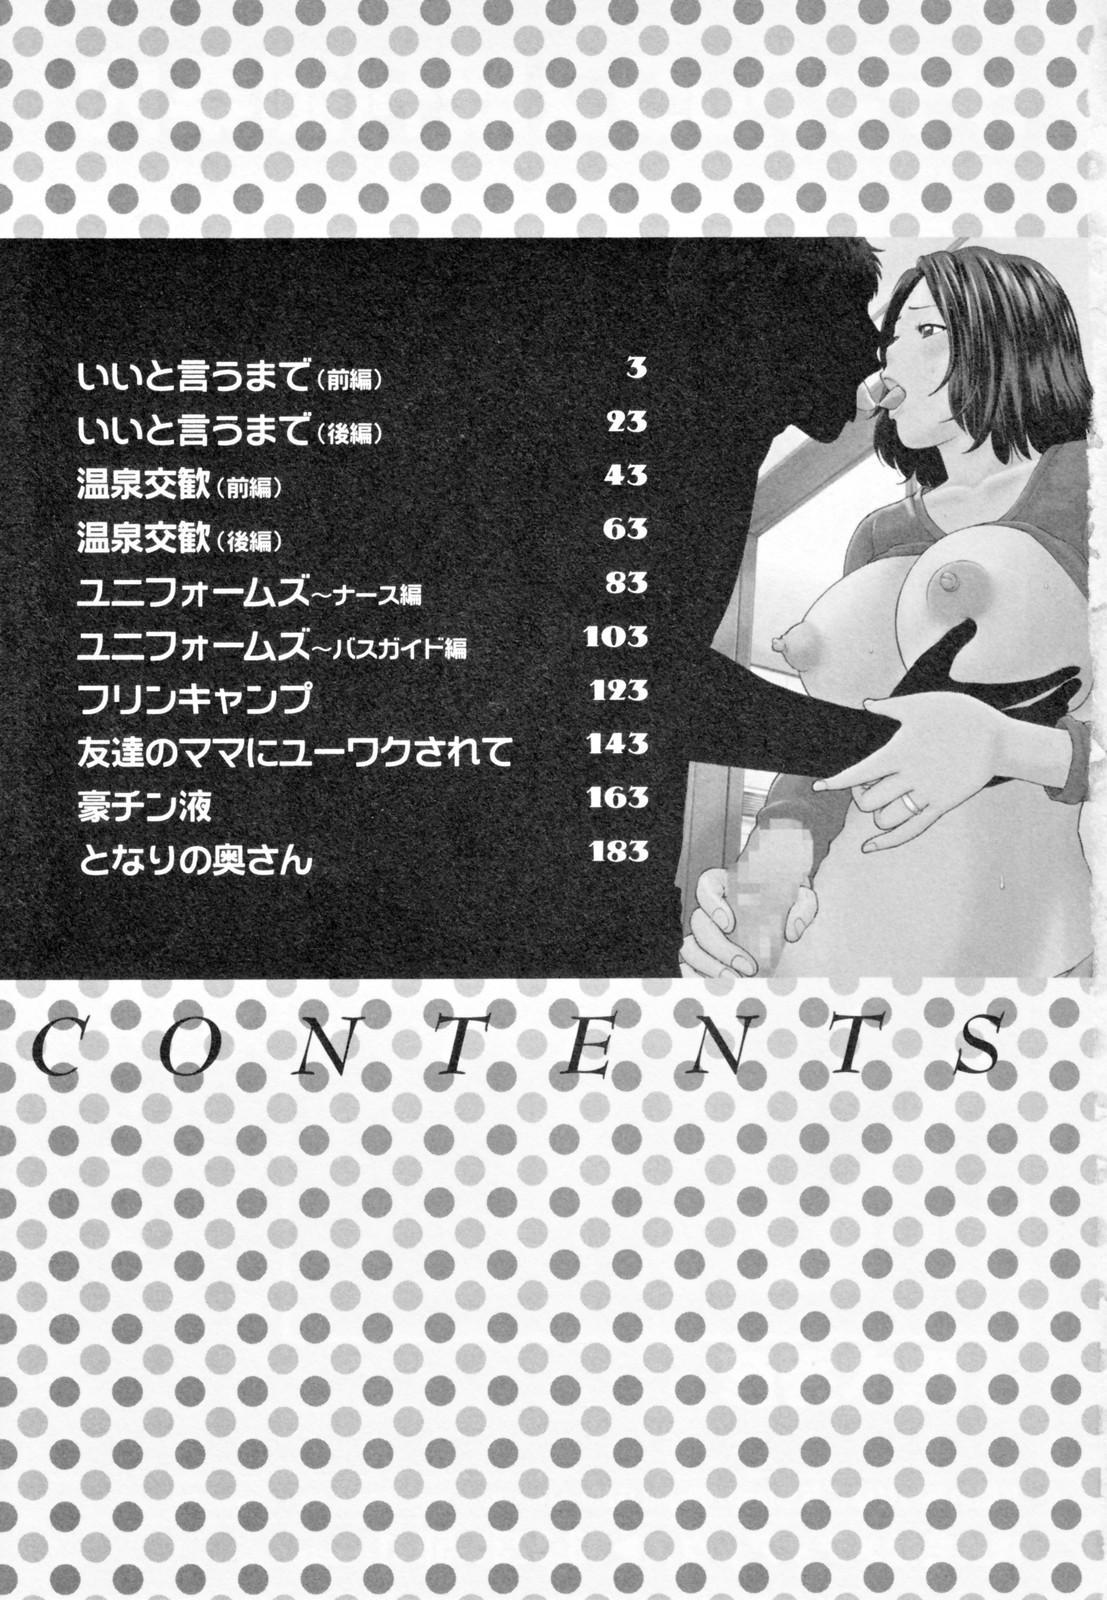 32 Sai Yokkyuufuman no Hitozuma 202